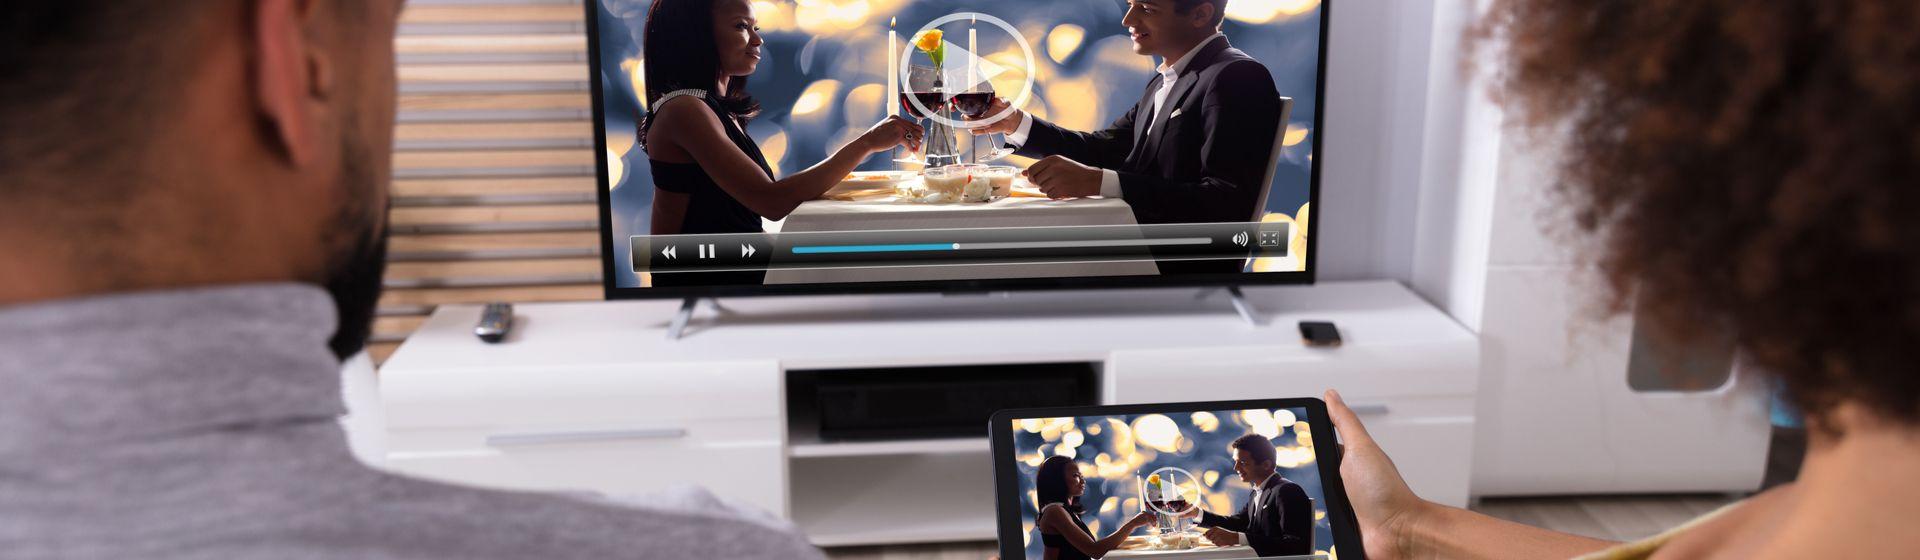 Aparelho para transformar TV em smart TV: quais são as principais opções?